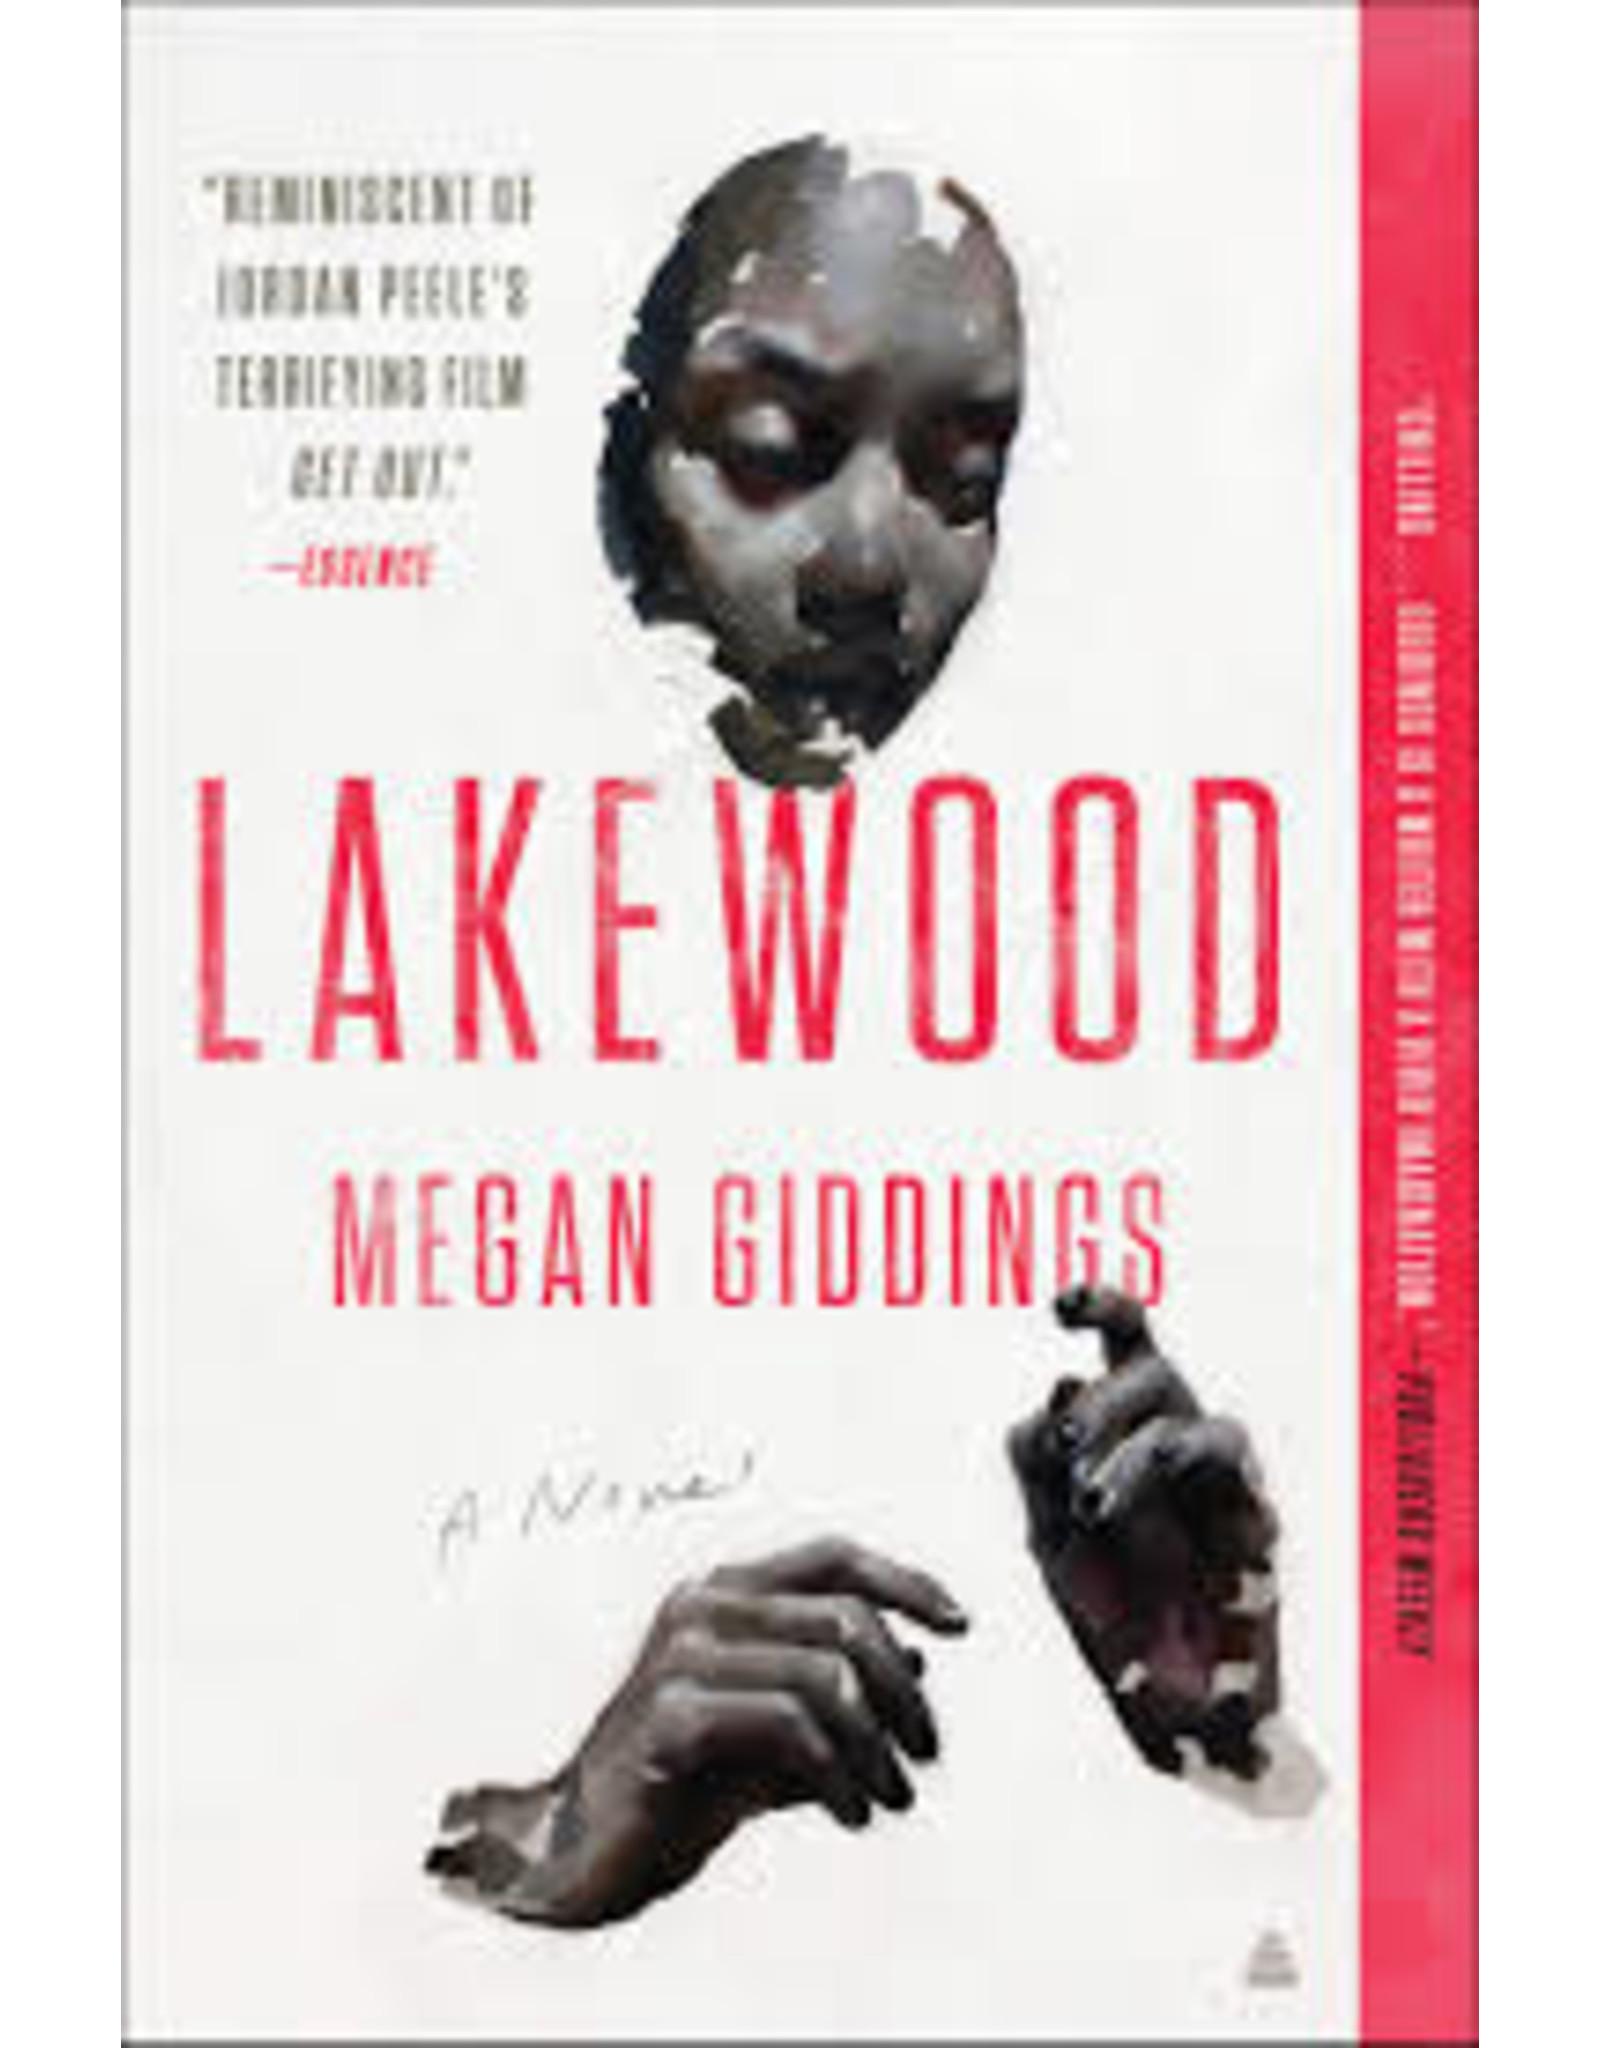 Books Lakewood: A Novel by Megan Giddings